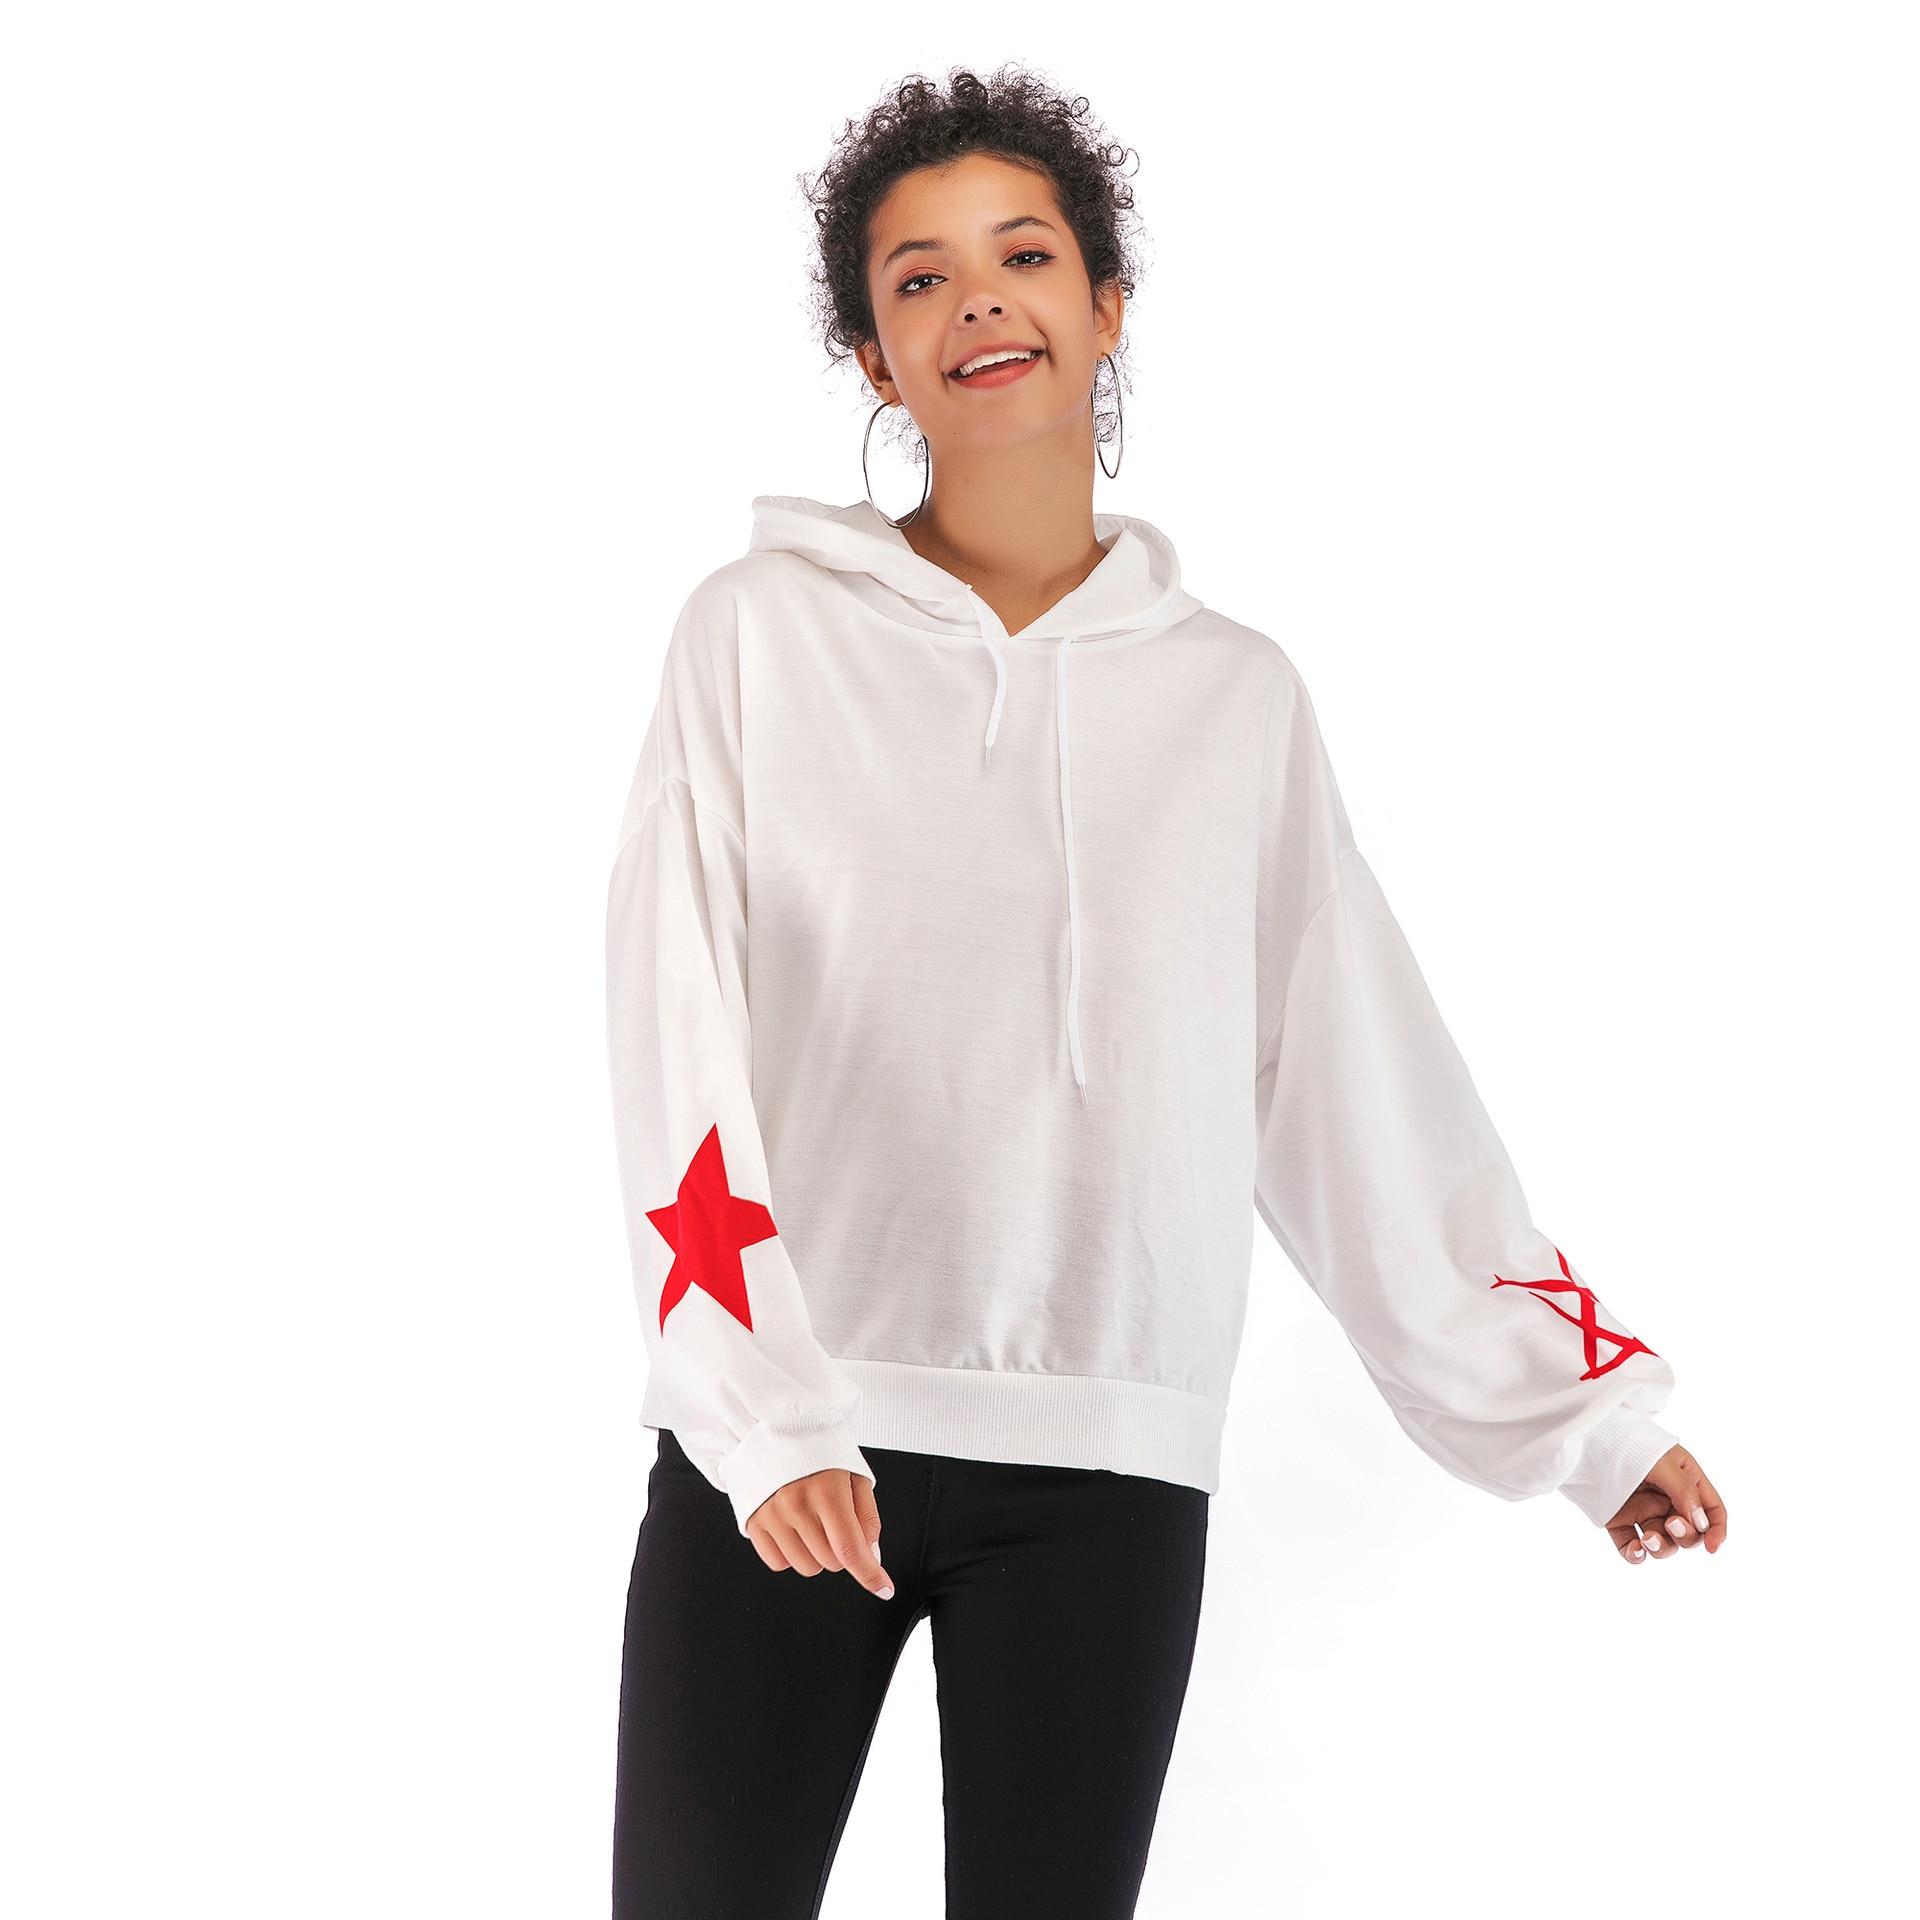 Sudadera con capucha negro/blanco manga larga jerseys otoño Casual suelto cinco estrellas estampado femenino HoodiesTops